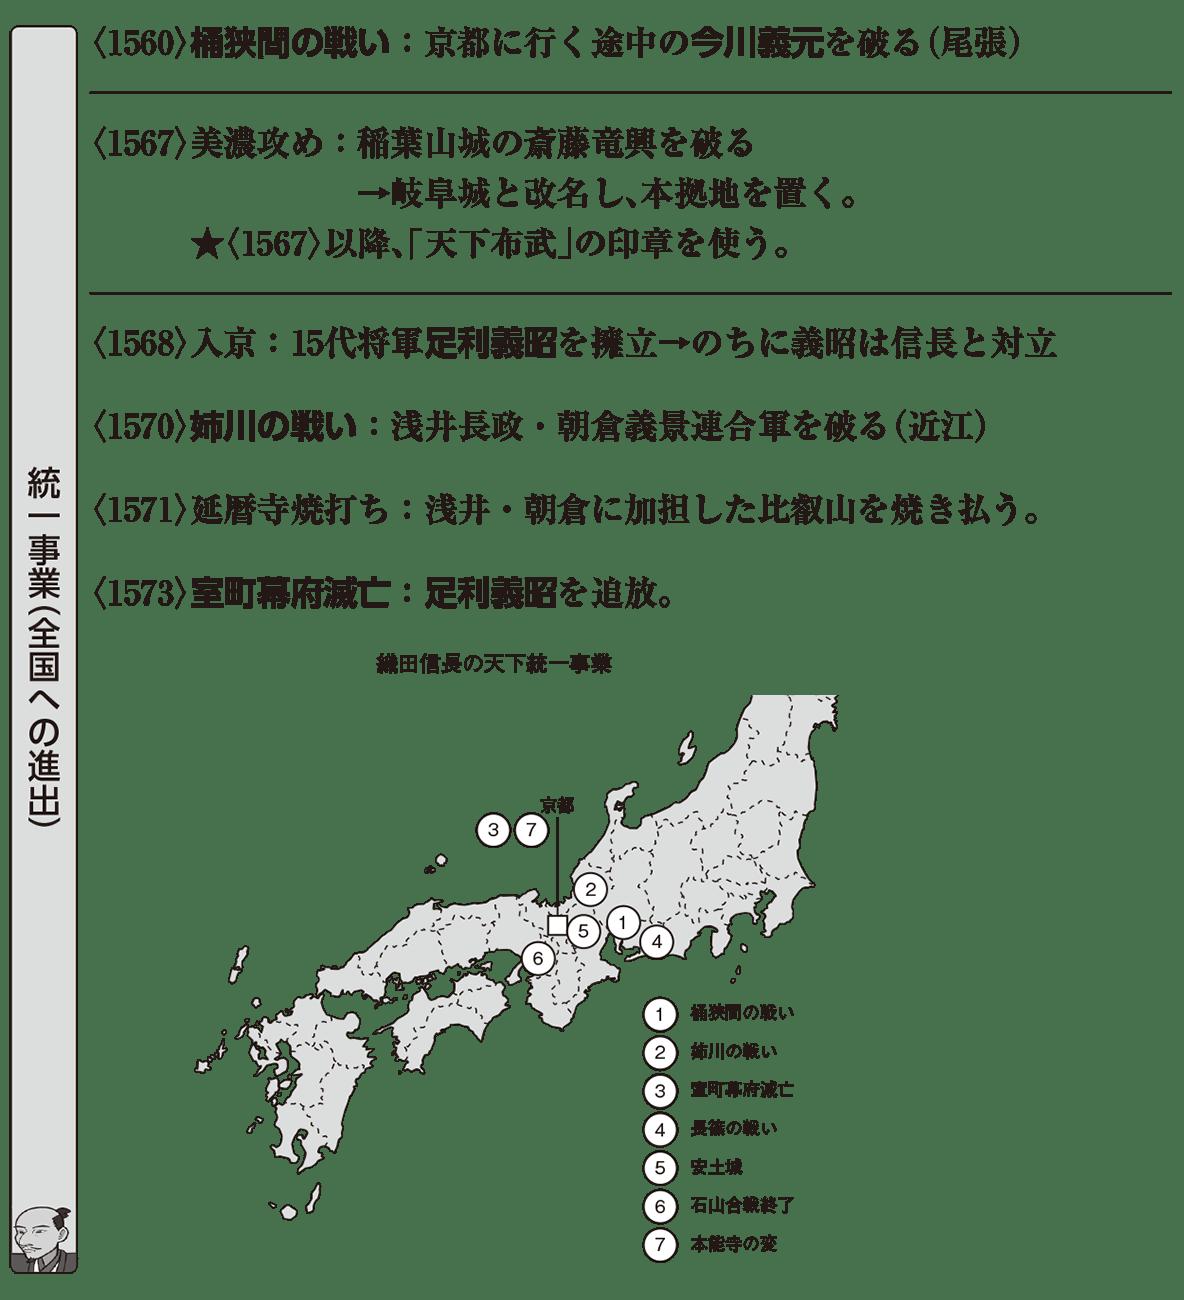 近世4 ポイント1 統一事業(全国への進出)